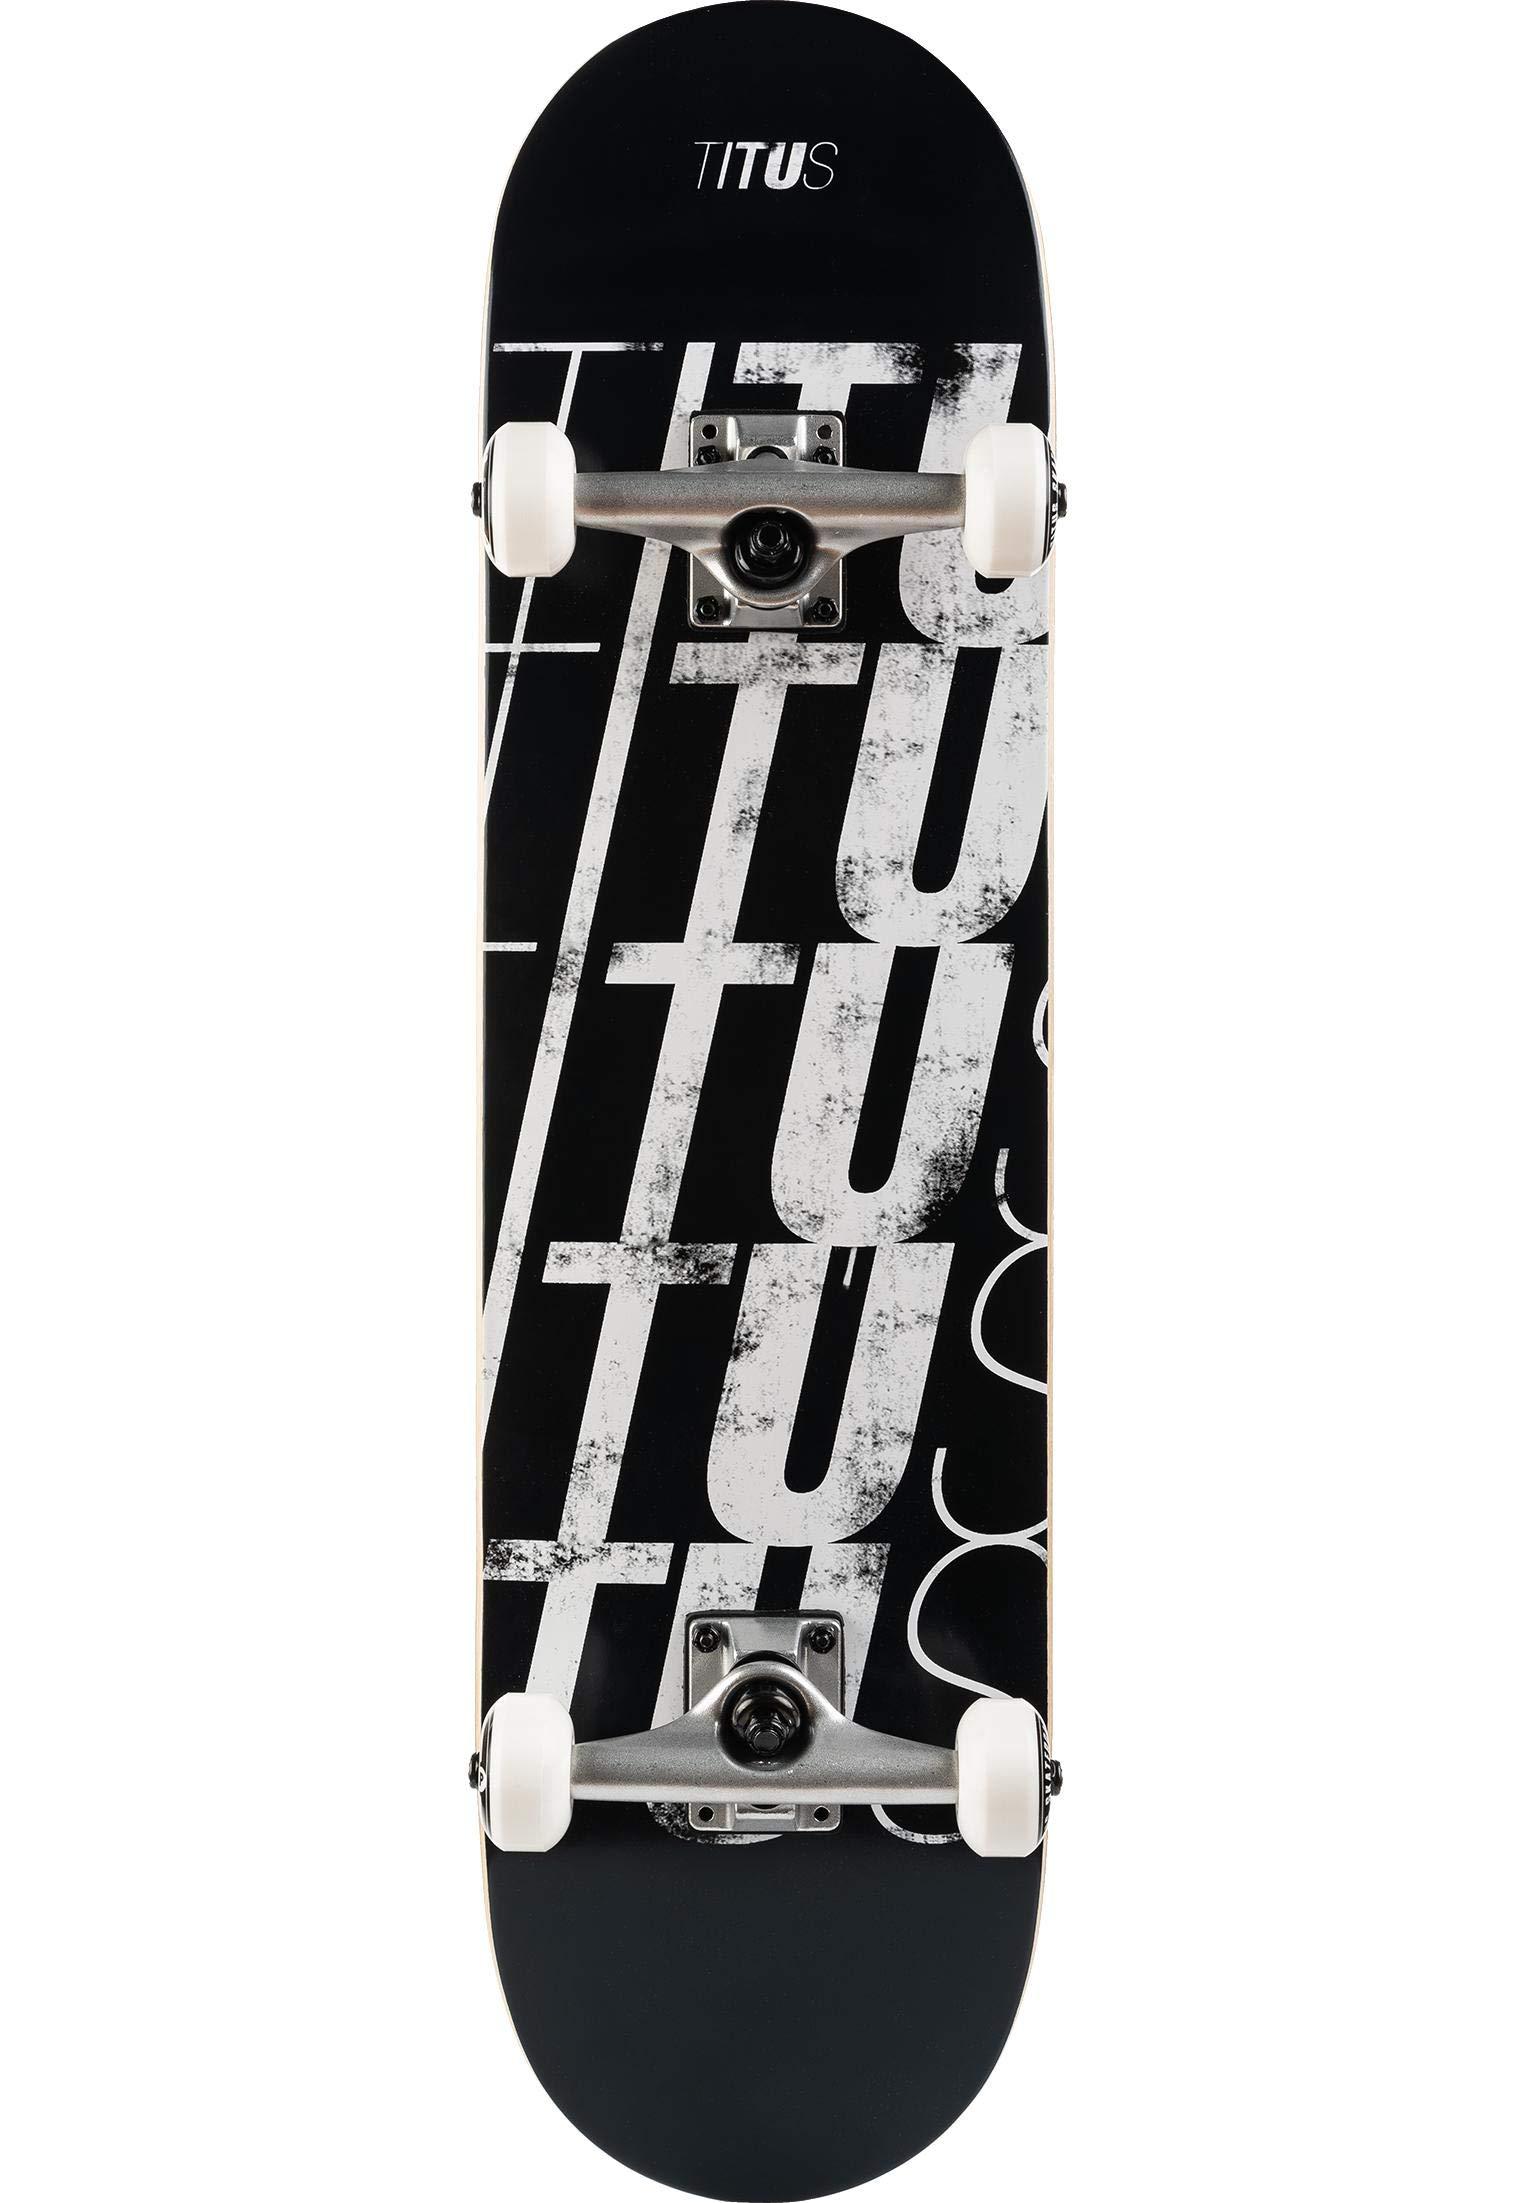 M/ädchen und Junge Anf/änger Skate Erwachsene Komplett Board 7 Schichten Ahornholz Profis TITUS Skateboards-Complete Grizzly T-Fiber Pro Assembled 7.75 Skateboard f/ür Jugendliche Black-Greay